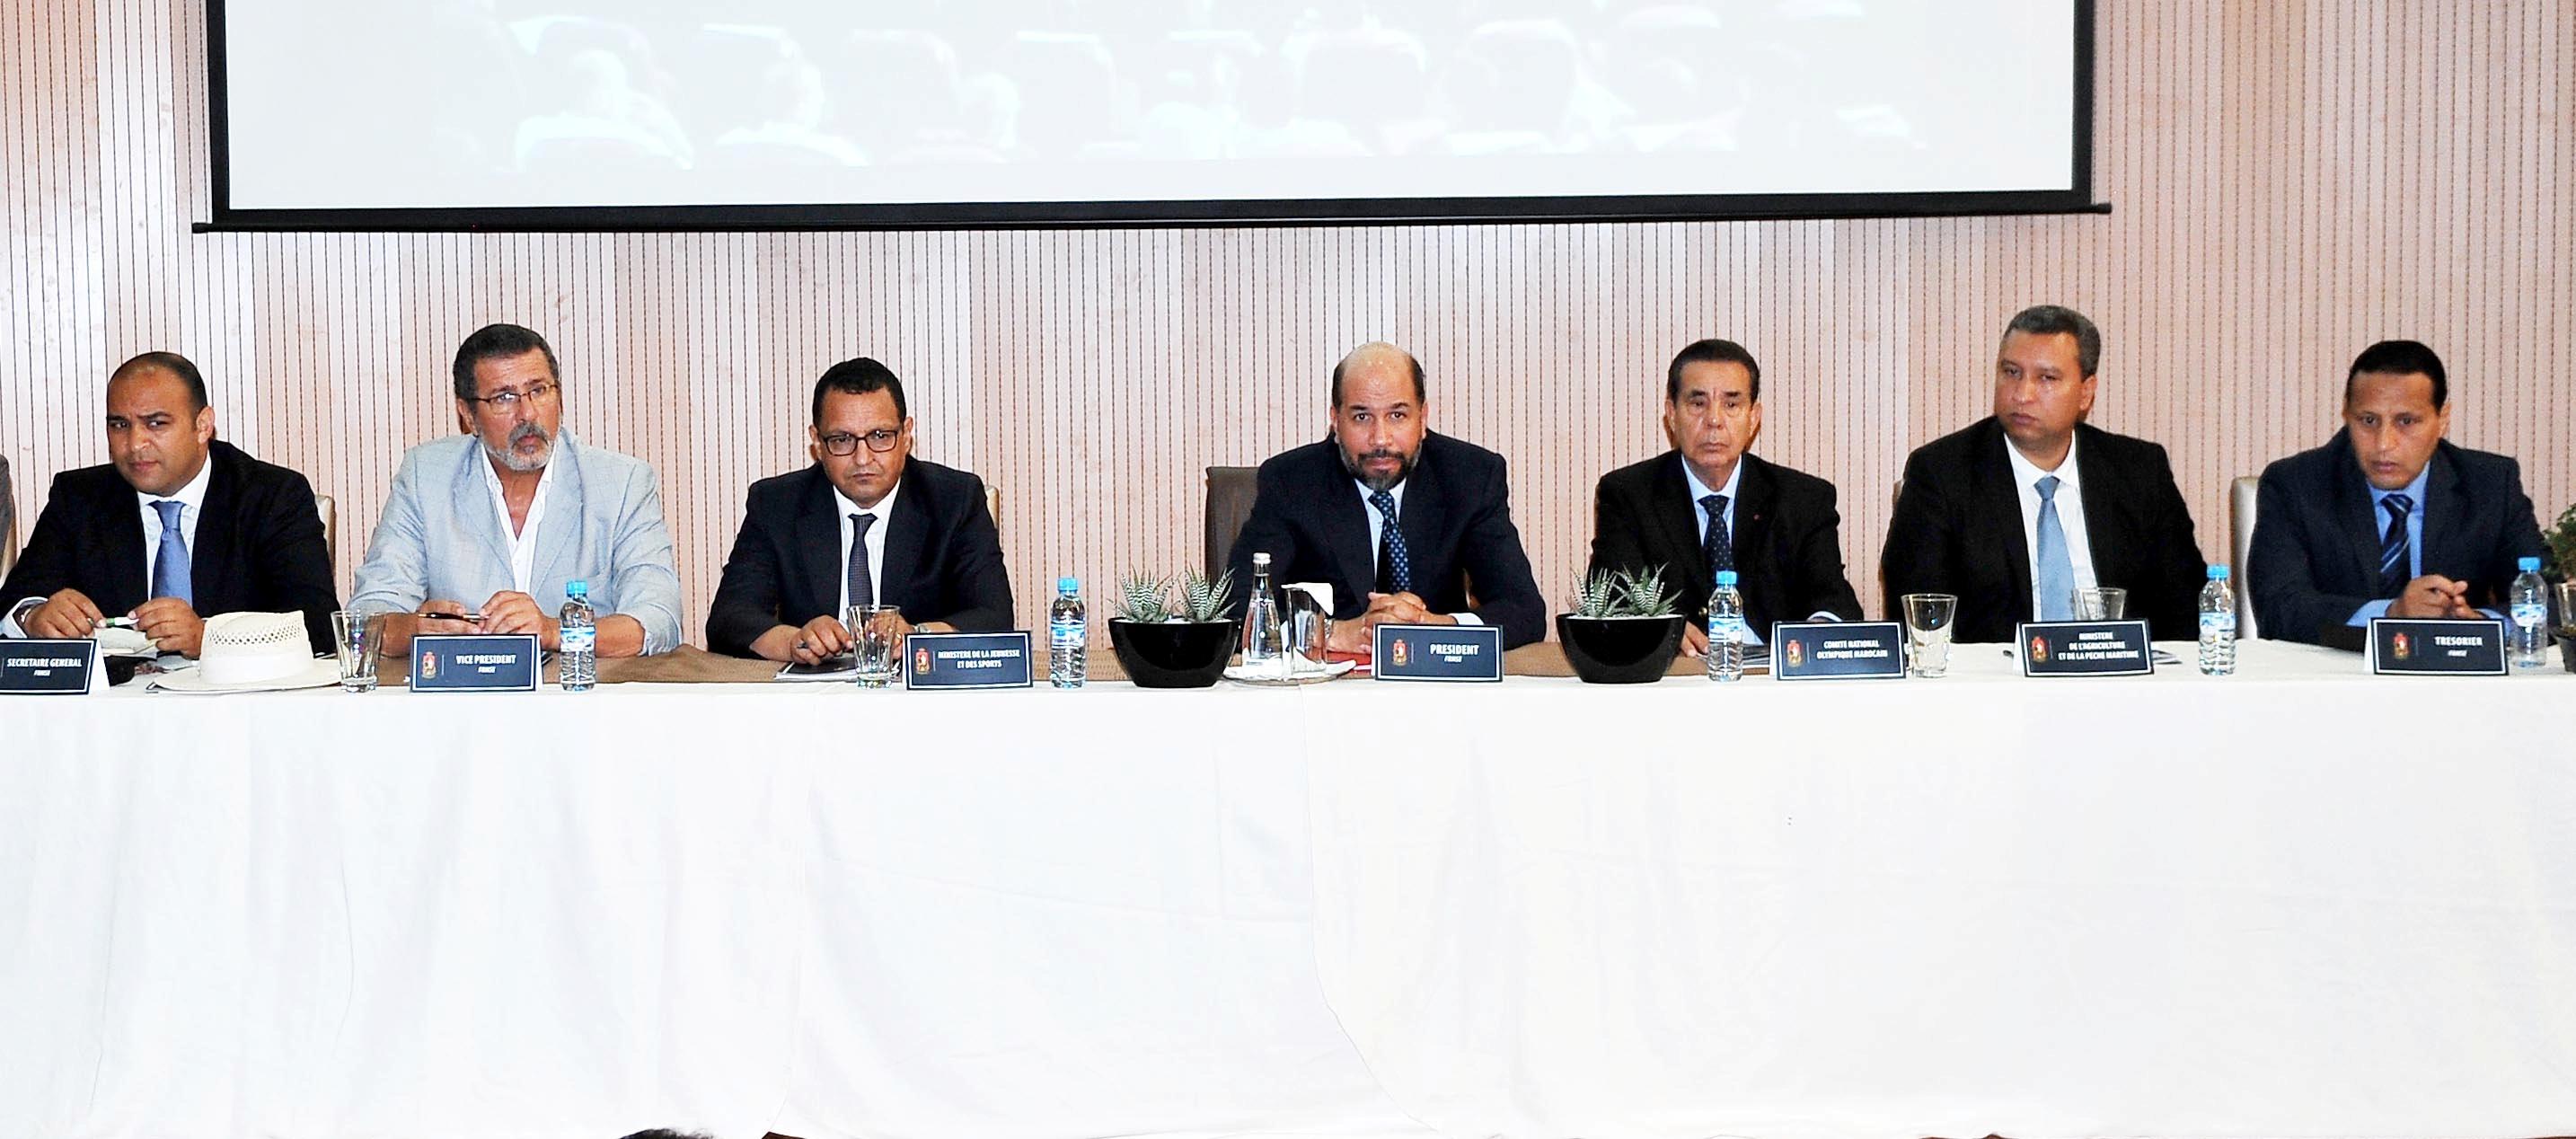 مولاي عبد الله العلوي يشدد على أن تأهيل الأندية شرط أساسي للرفع من مستوى رياضة الفروسية